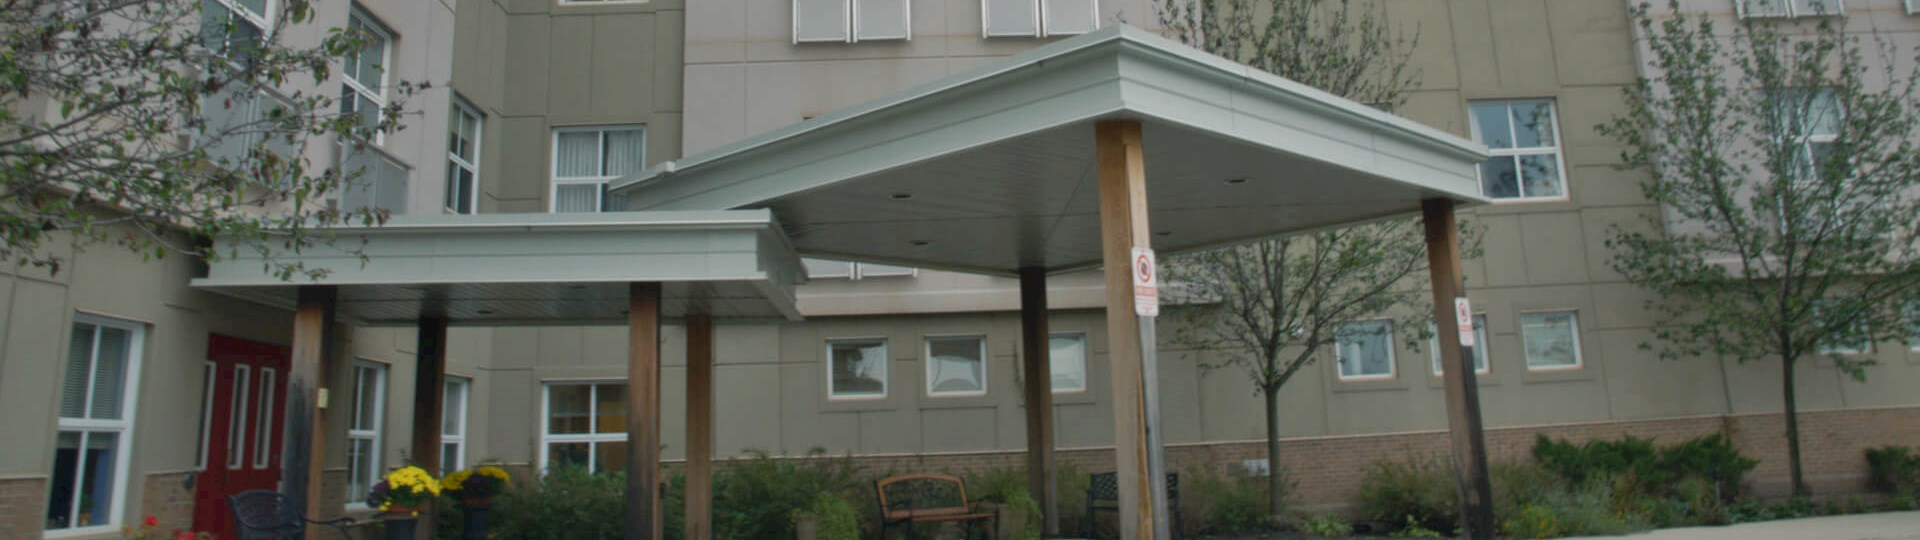 Revera West Oak Village Long Term Care Home